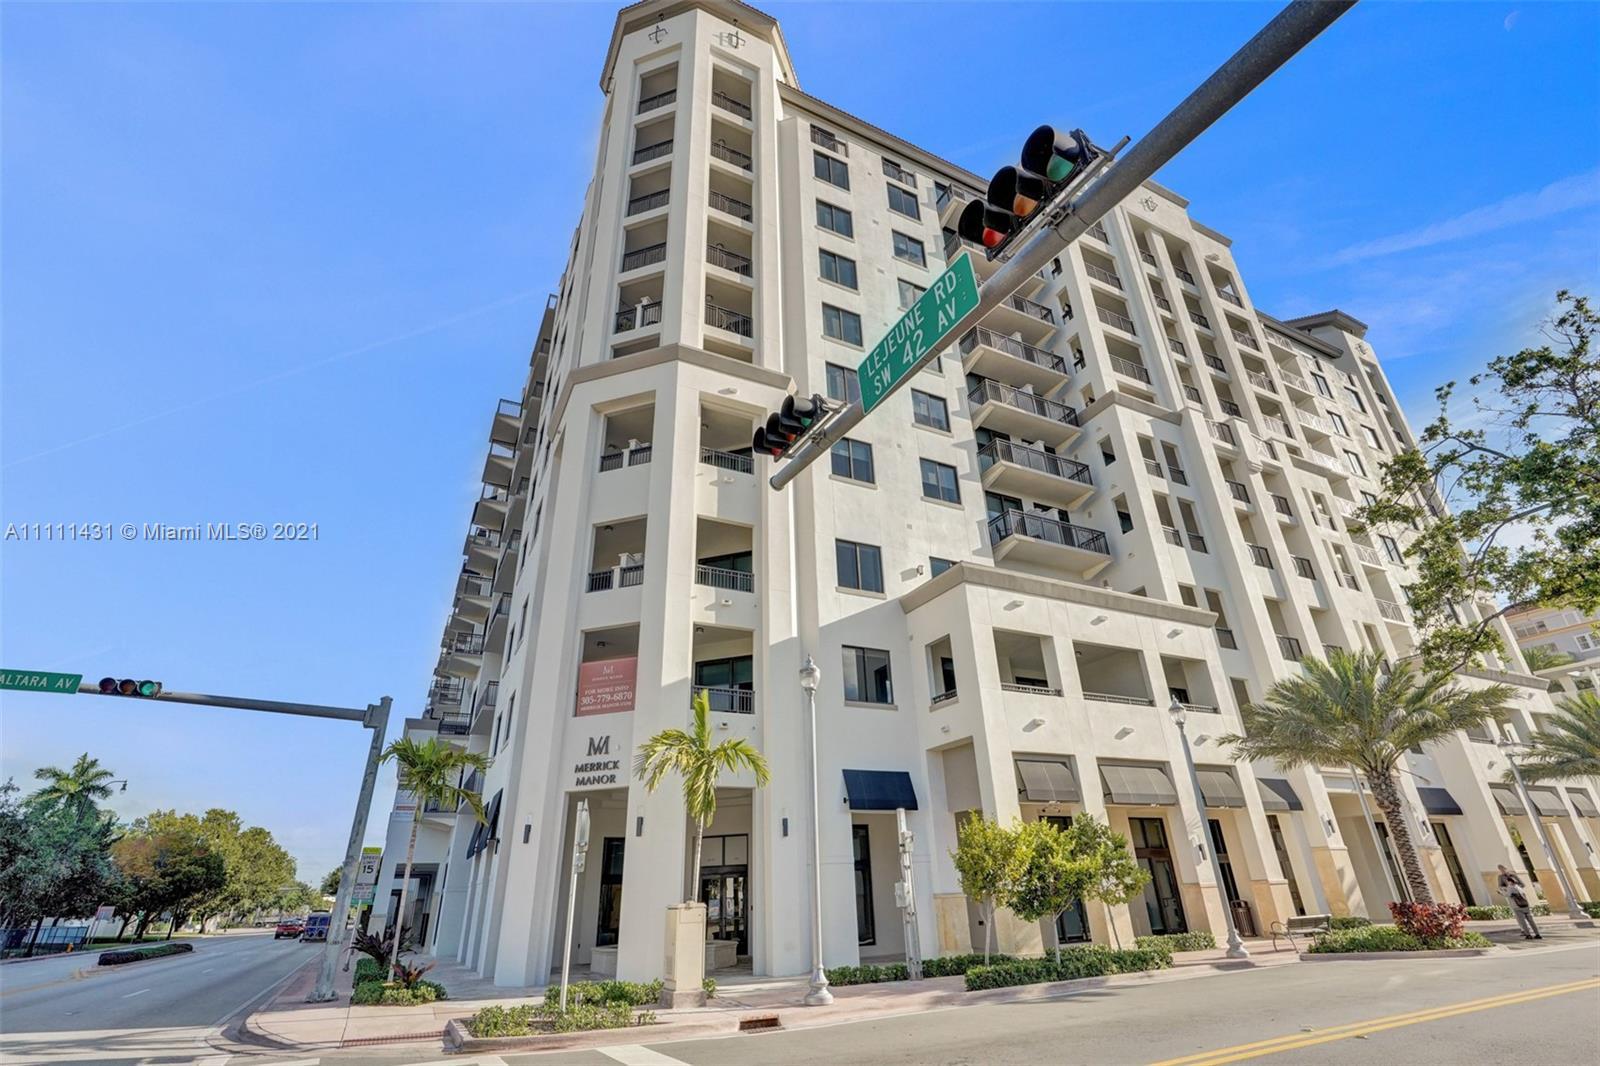 Merrick Manor #CU-2A - 301 Altara Ave #CU-2A, Coral Gables, FL 33146